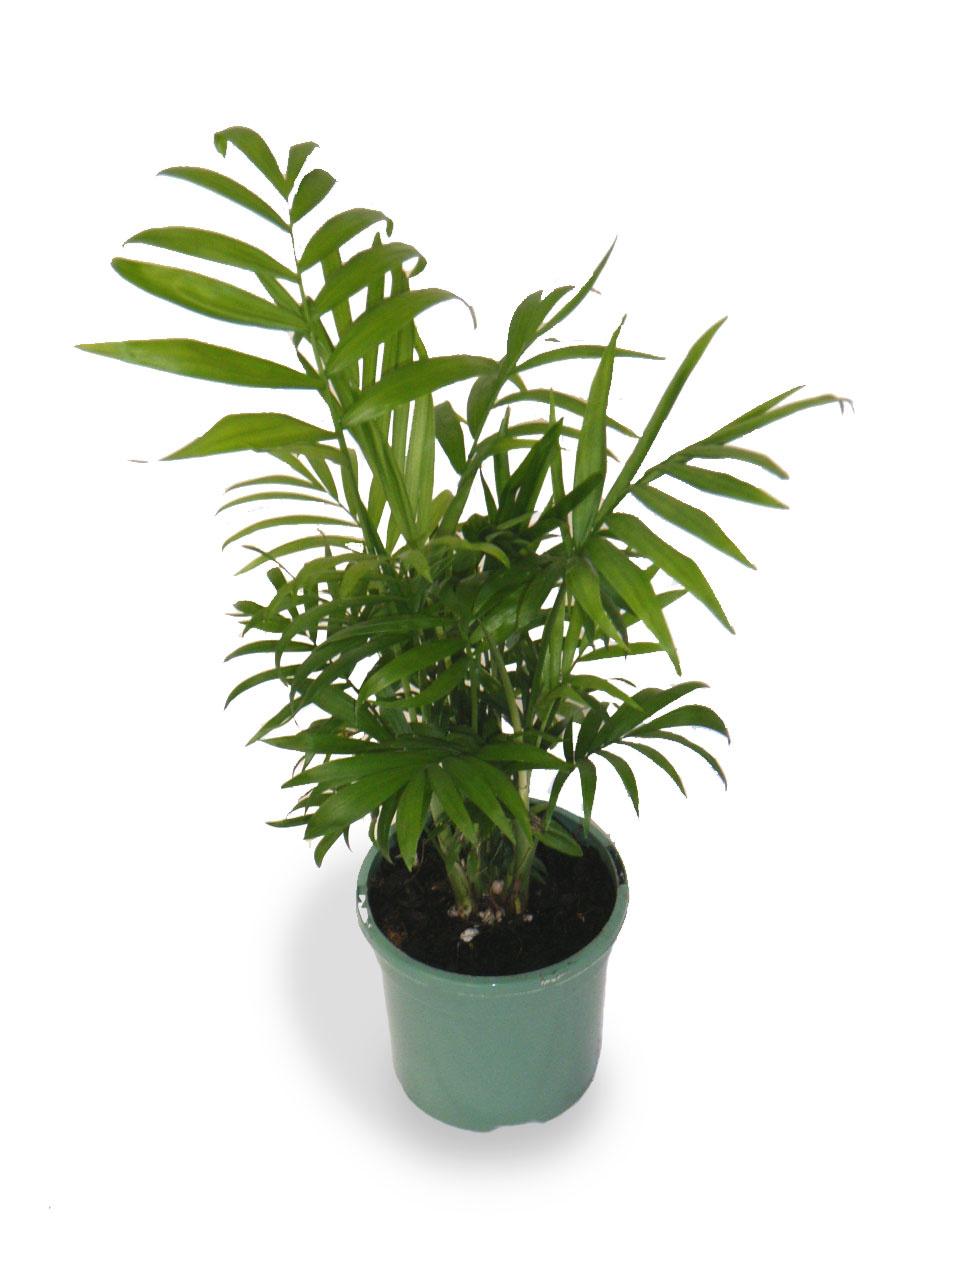 Как ухаживать захамедореей, ипочему растение лучше высаживать кучно